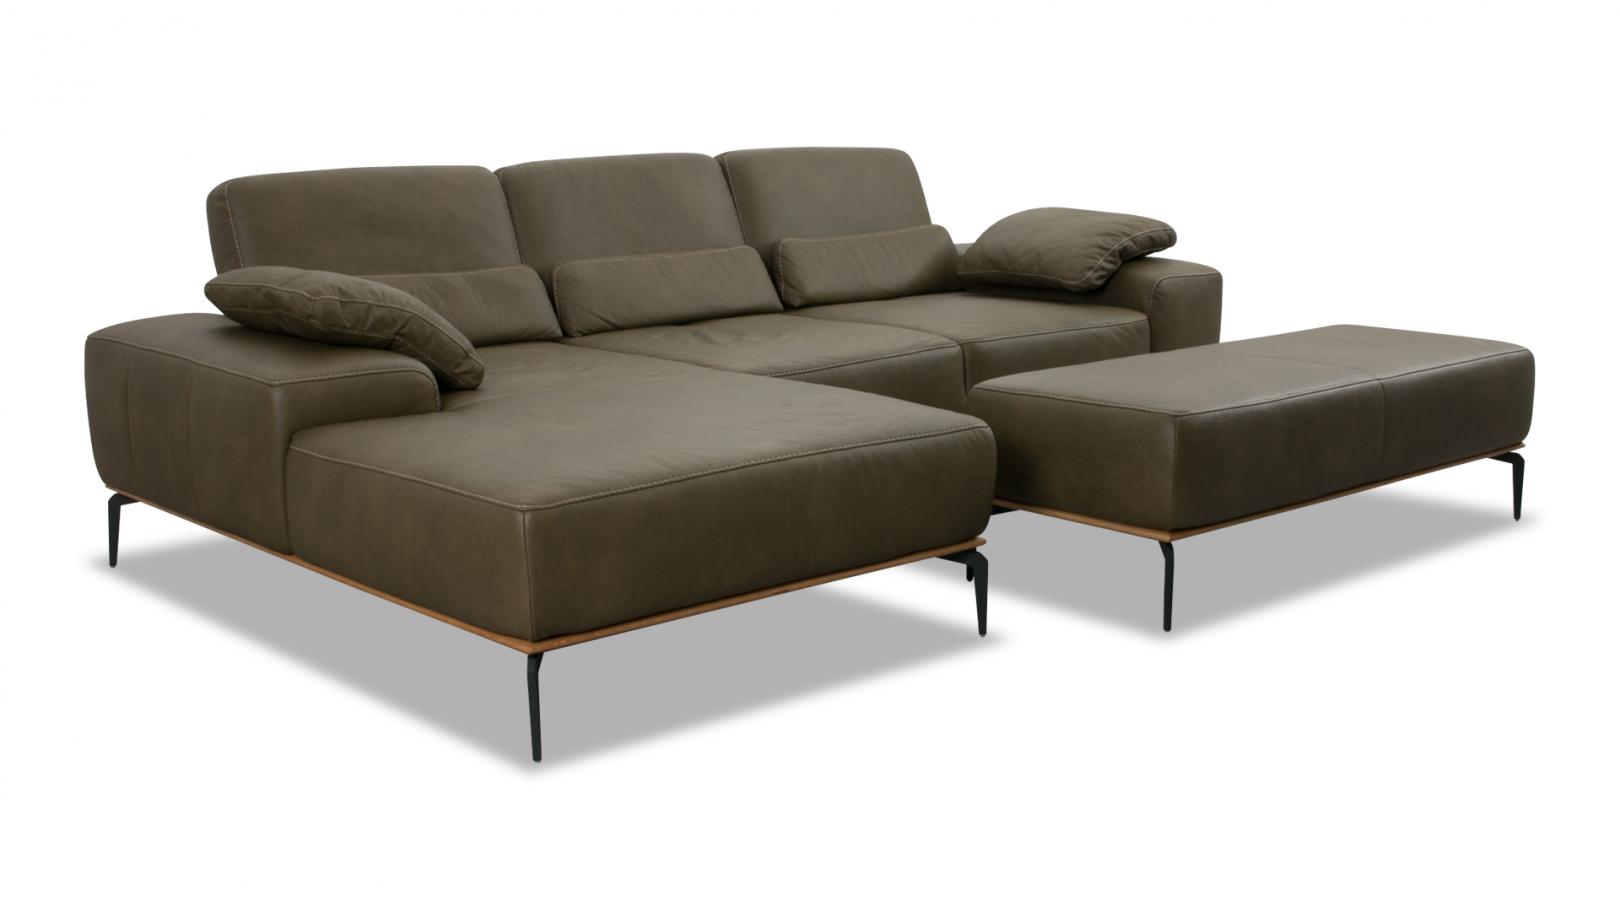 W Schillig Sofa Leder